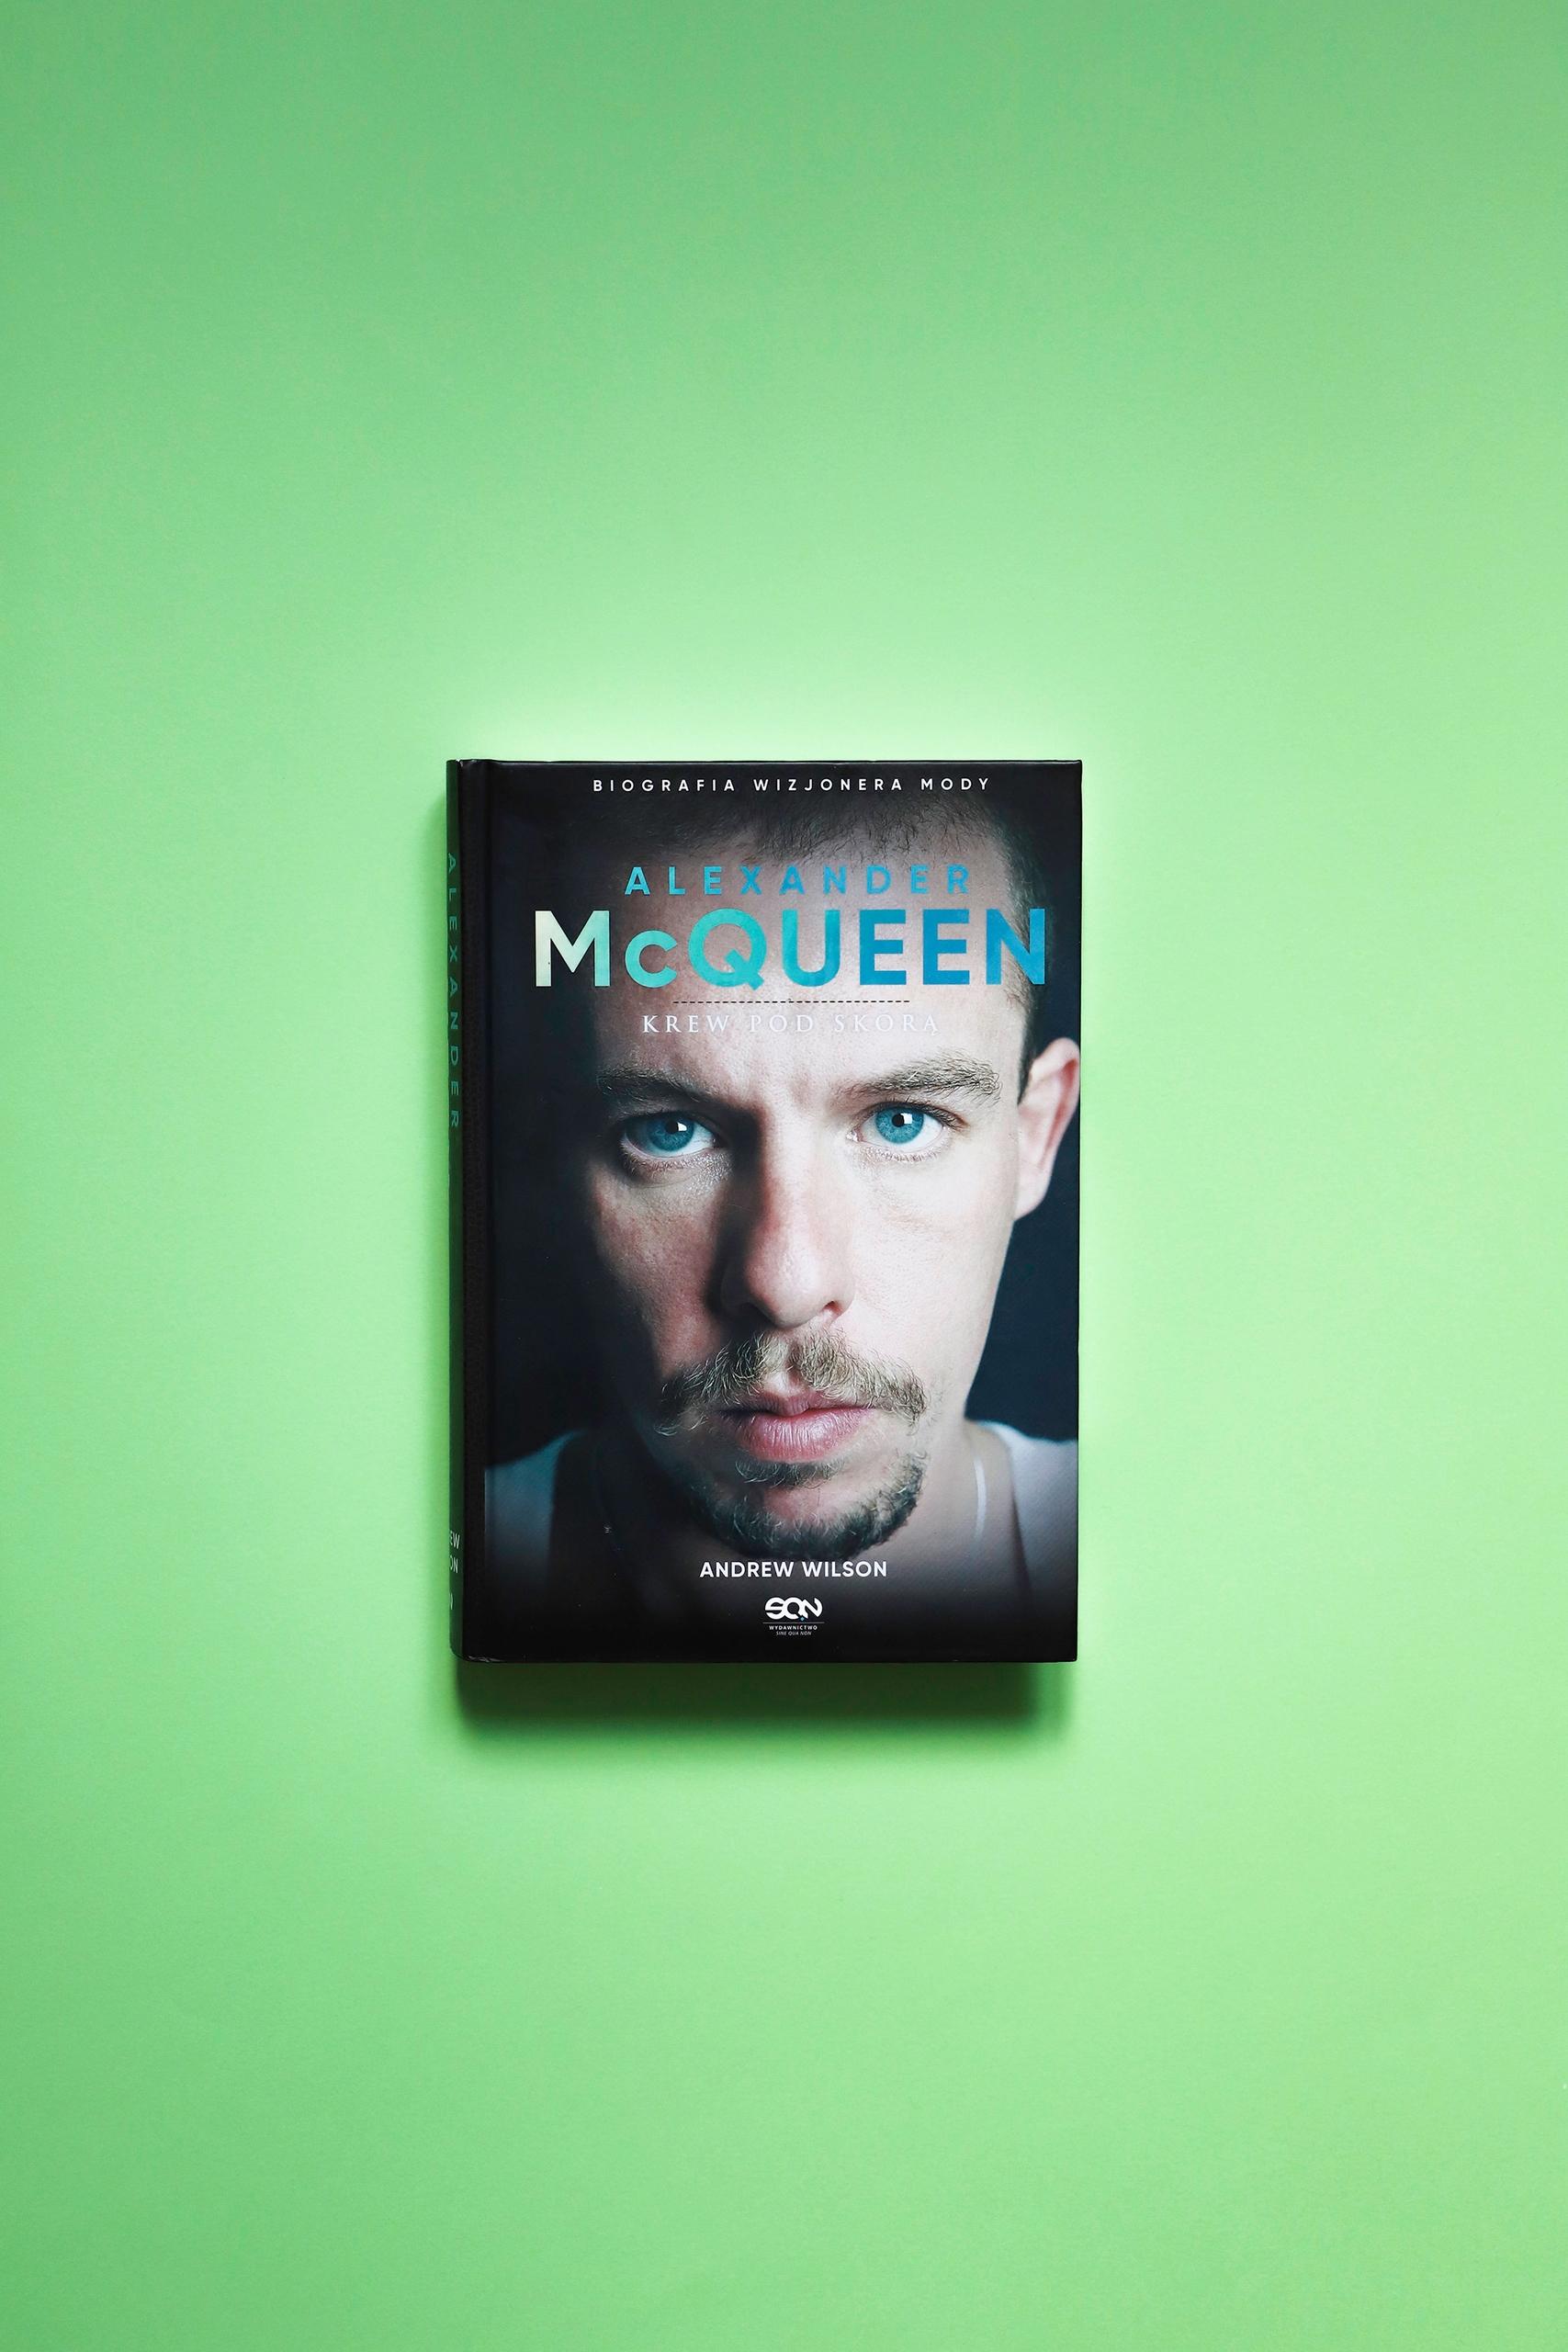 Zdjęcie przedstawia książkę leżącą na zielonym podłożu. Na jej okładce widzimy portret mężczyzny.